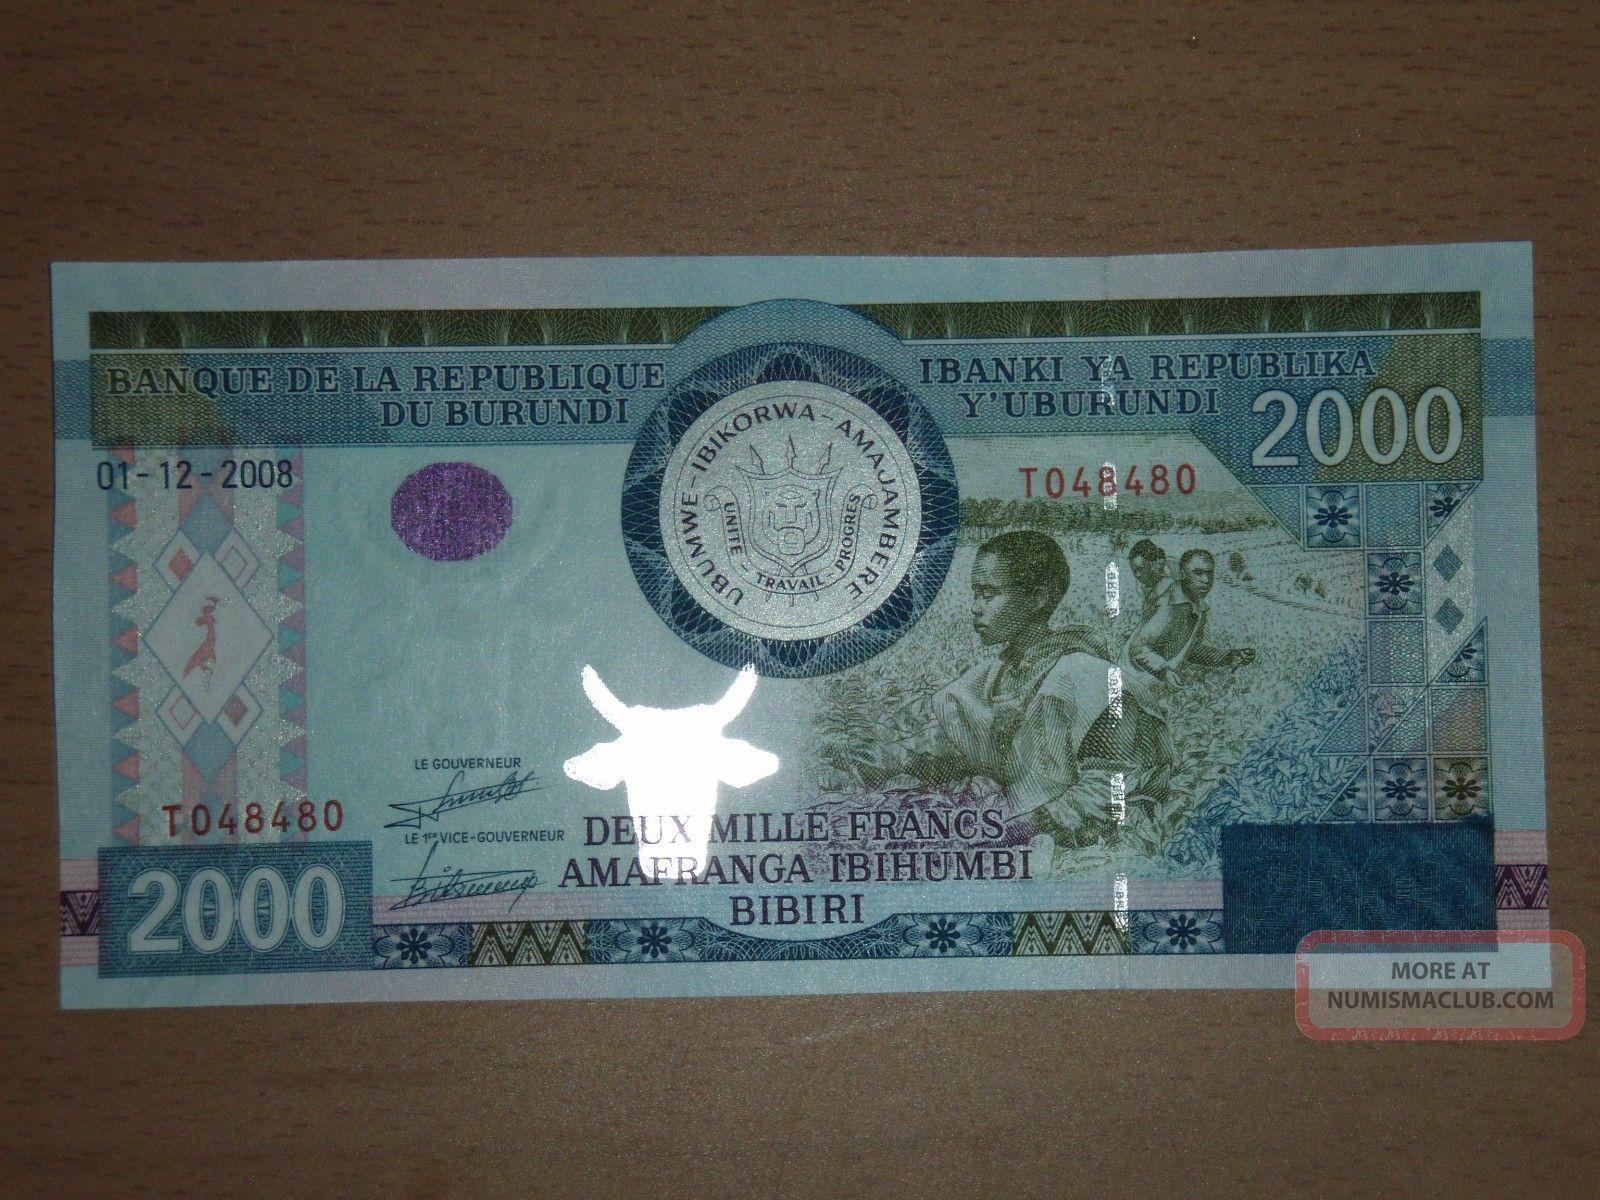 Burundi 2000 Francs 2008 Unc Africa photo